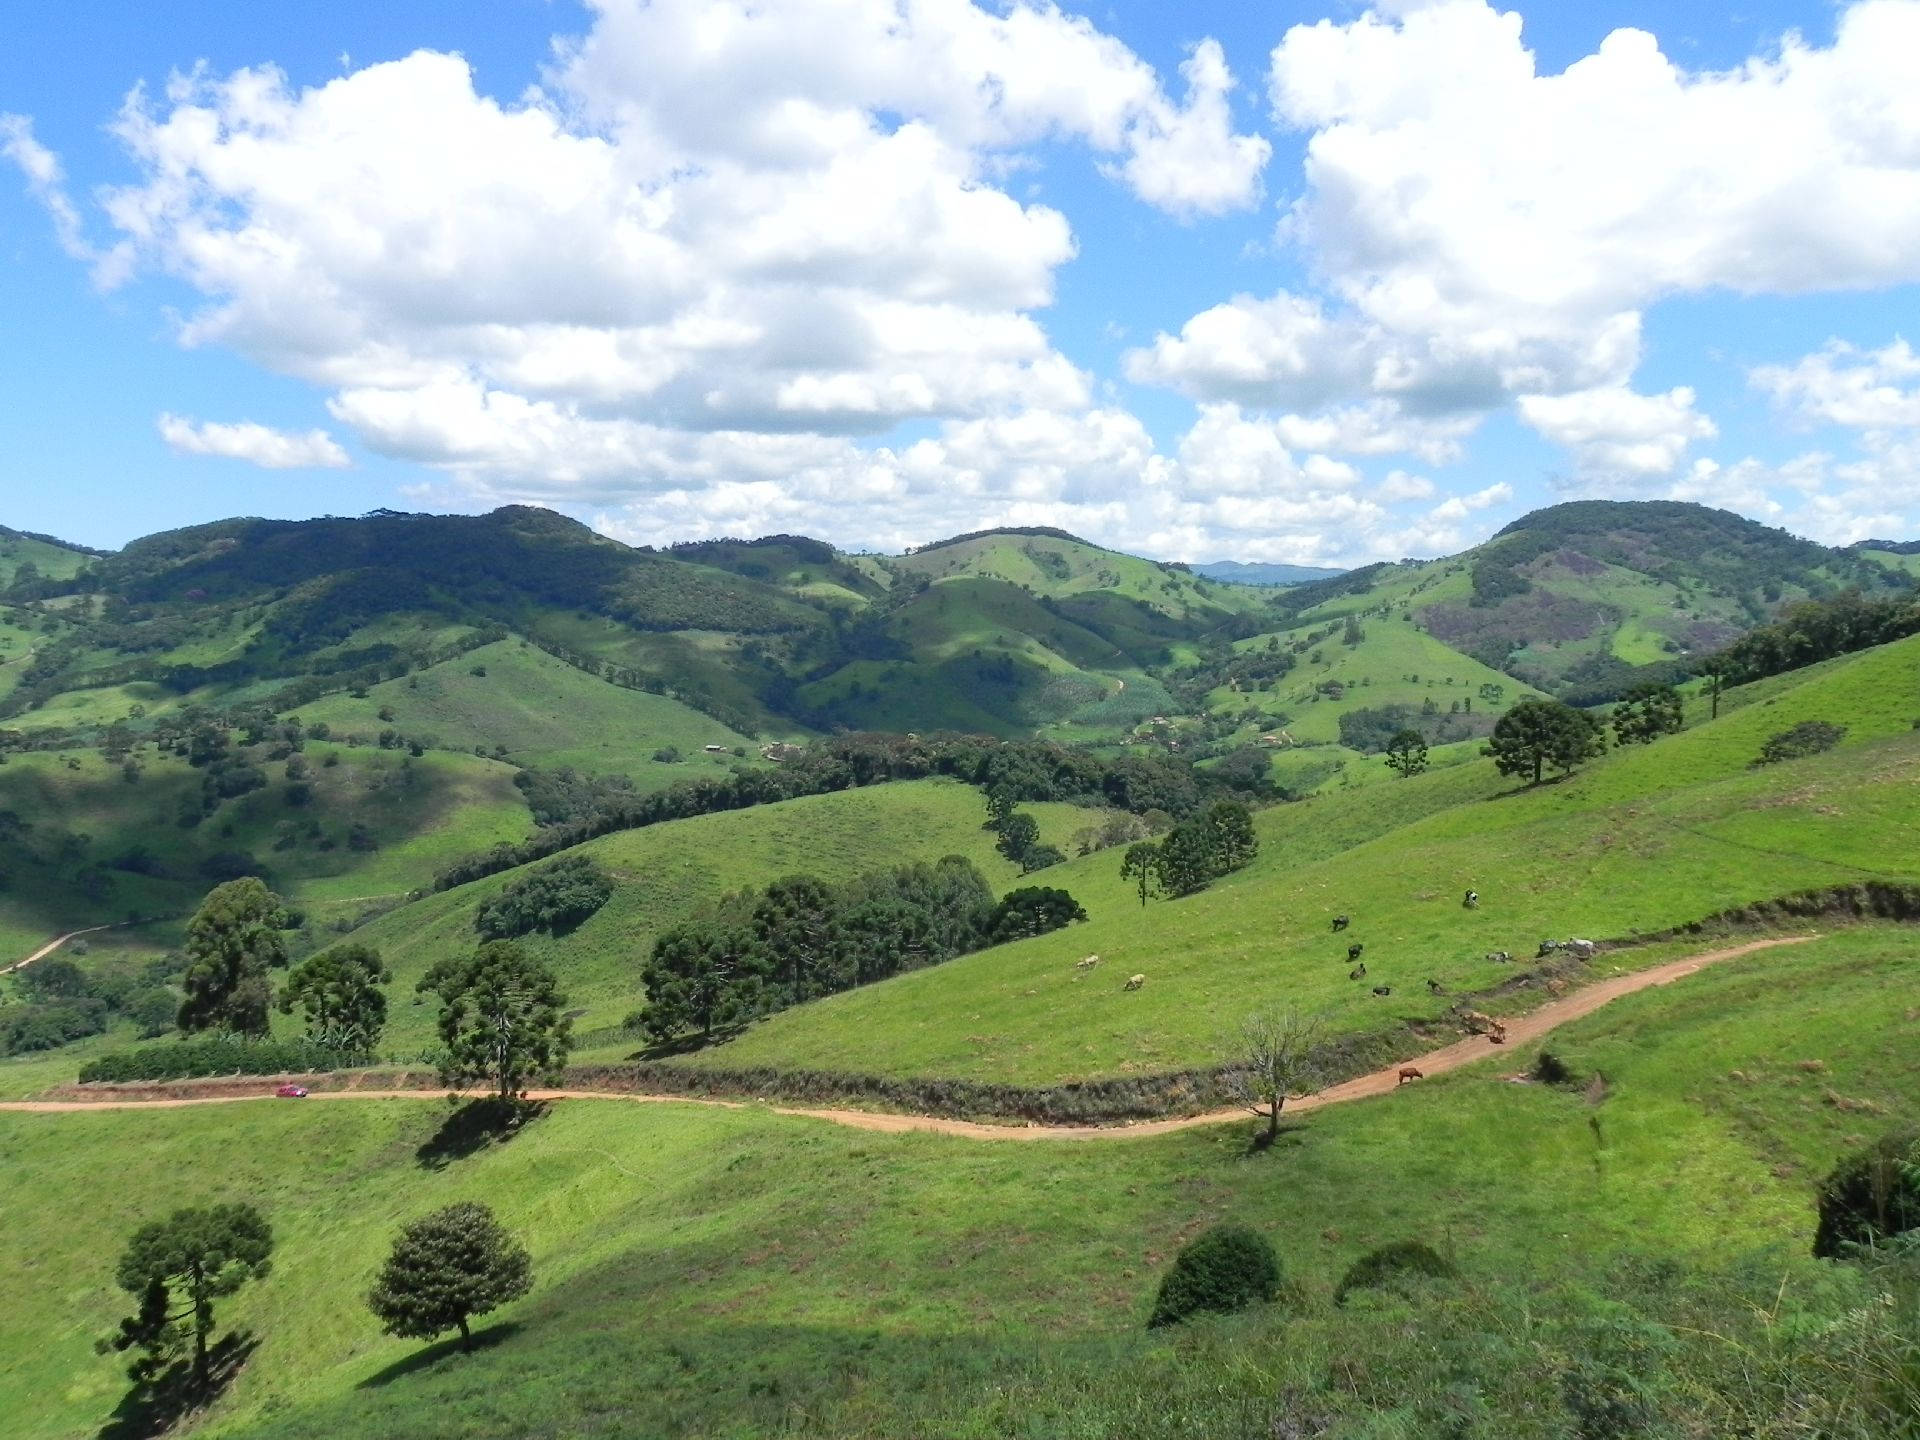 Vista da área rural de Gonçalves. Foto: Prefeitura Municipal de Gonçalves.